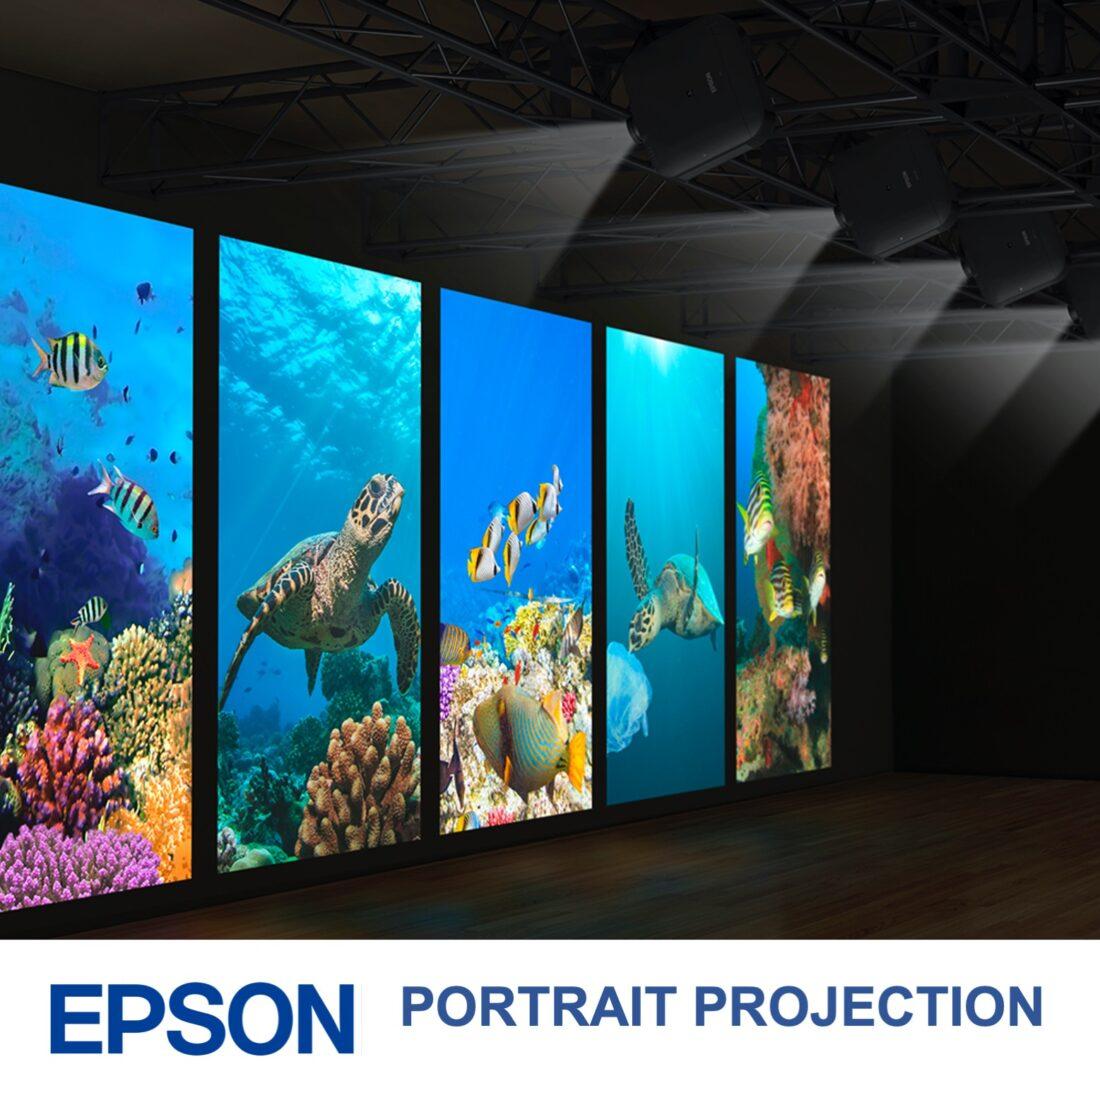 Epson portrait projector